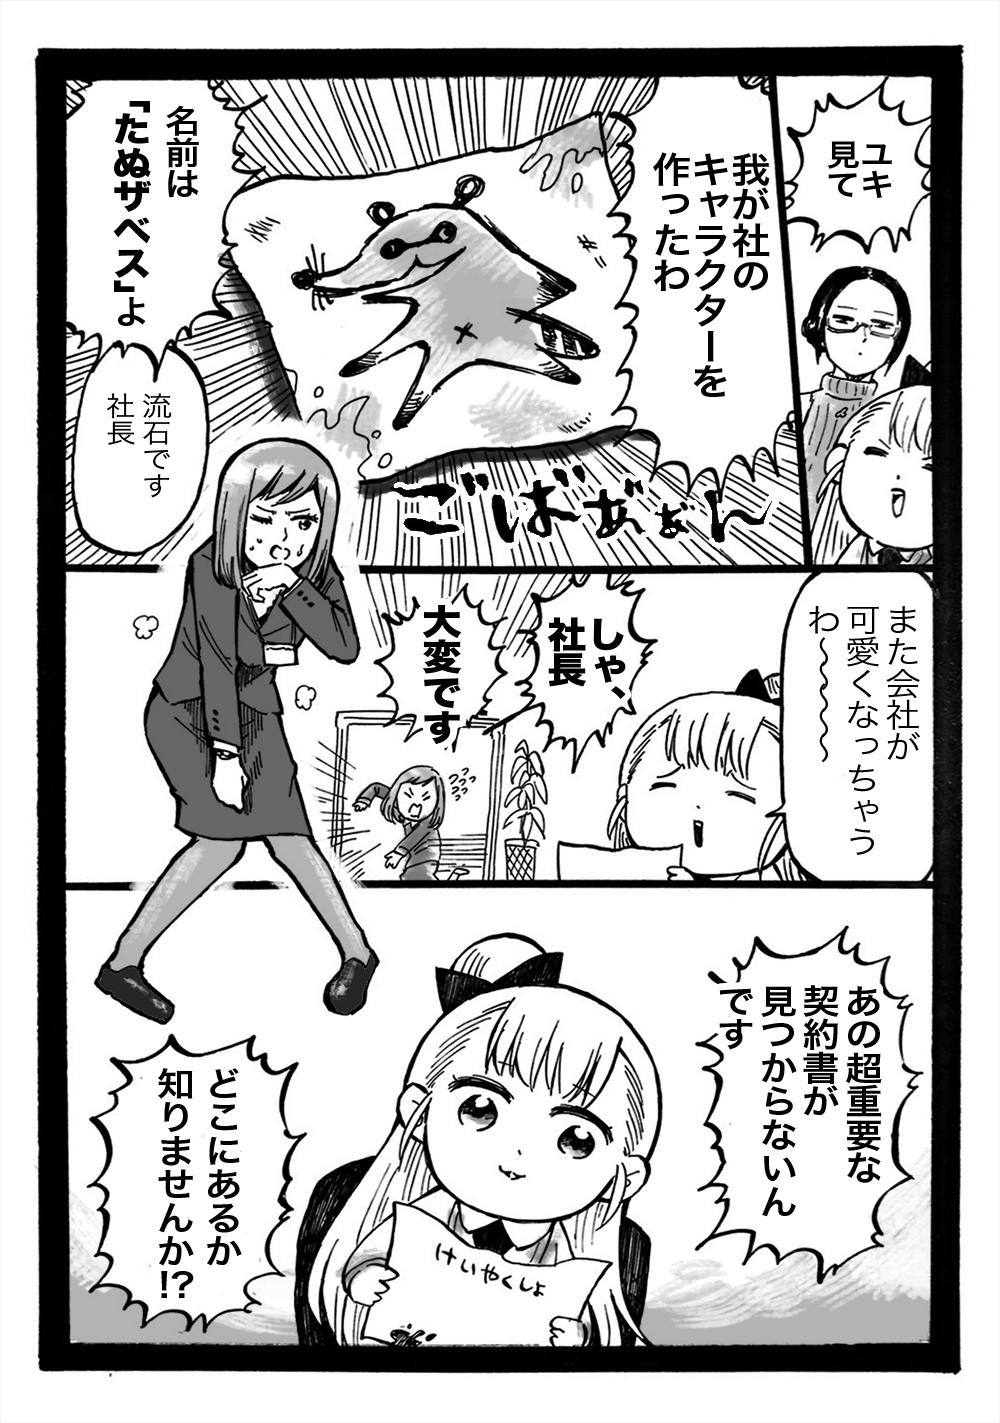 2話原稿02